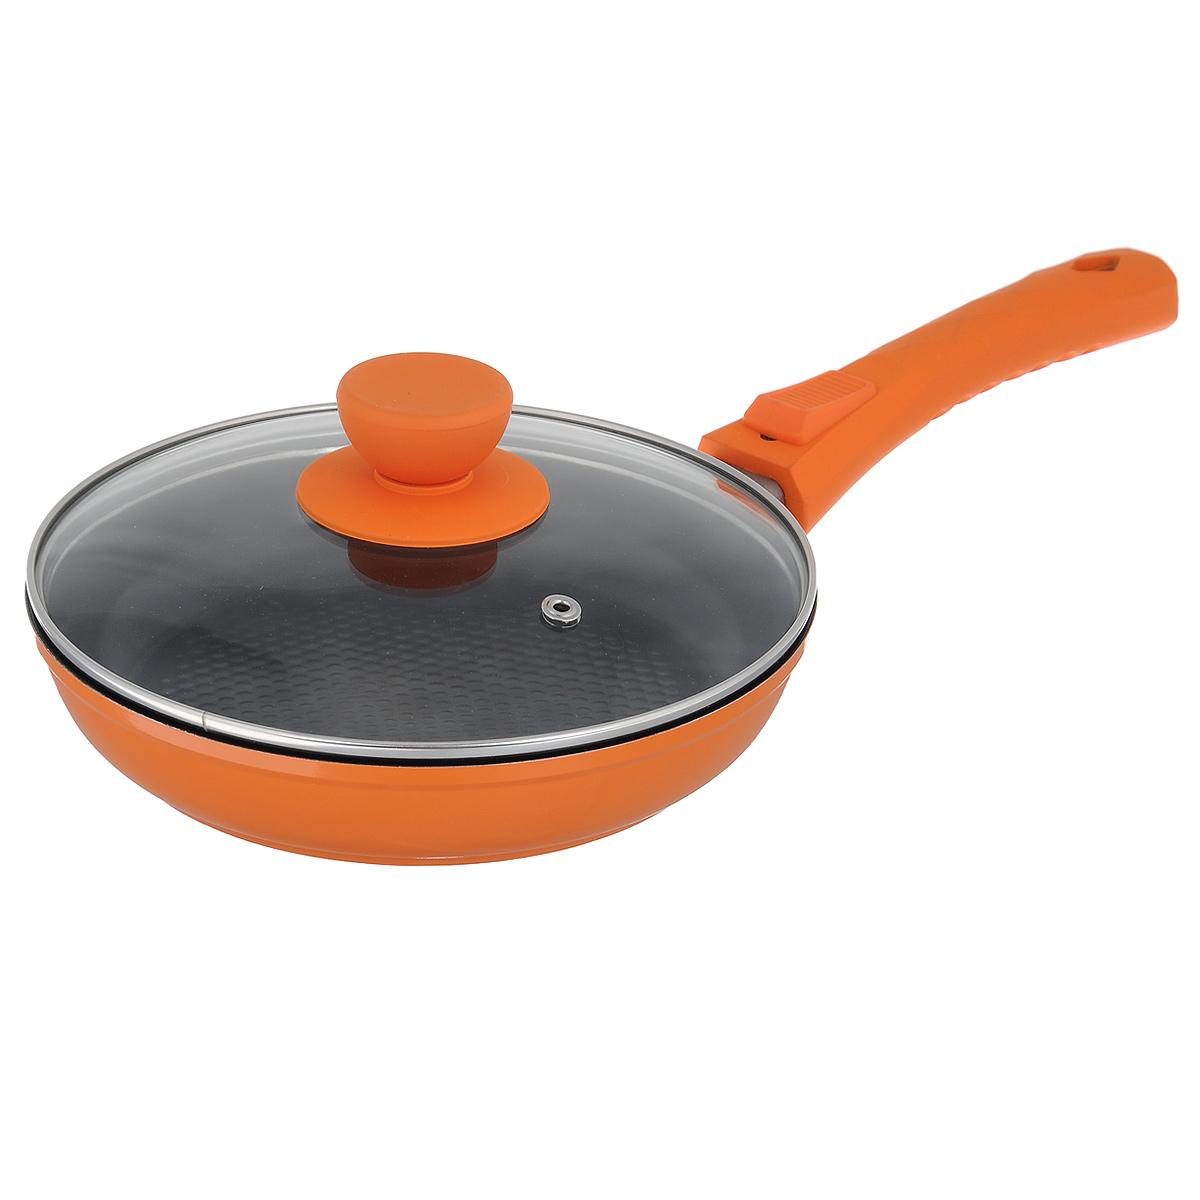 Сковорода Bohmann с крышкой, со съемной ручкой, с керамическим 3D покрытием, цвет: оранжевый. Диаметр 20 см. BH-7020/2-3D7020BH/2-3DСковорода Bohmann изготовлена из литого алюминия с антипригарным керамическим покрытием черного цвета с эффектом 3D. Внешнее покрытие - жаростойкий лак, который сохраняет цвет долгое время. Благодаря керамическому покрытию пища не пригорает и не прилипает к поверхности сковороды, что позволяет готовить с минимальным количеством масла. Кроме того, такое покрытие абсолютно безопасно для здоровья человека, так как не содержит вредной примеси PFOA. Рифленая внутренняя поверхность сковороды обеспечивает быстрое и легкое приготовление. Достоинства керамического покрытия: - устойчивость к высоким температурам и резким перепадам температур, - устойчивость к царапающим кухонным принадлежностям и абразивным моющим средствам, - устойчивость к коррозии, - водоотталкивающий эффект, - покрытие способствует испарению воды во время готовки, - длительный срок службы, - безопасность для окружающей среды и человека. Сковорода...